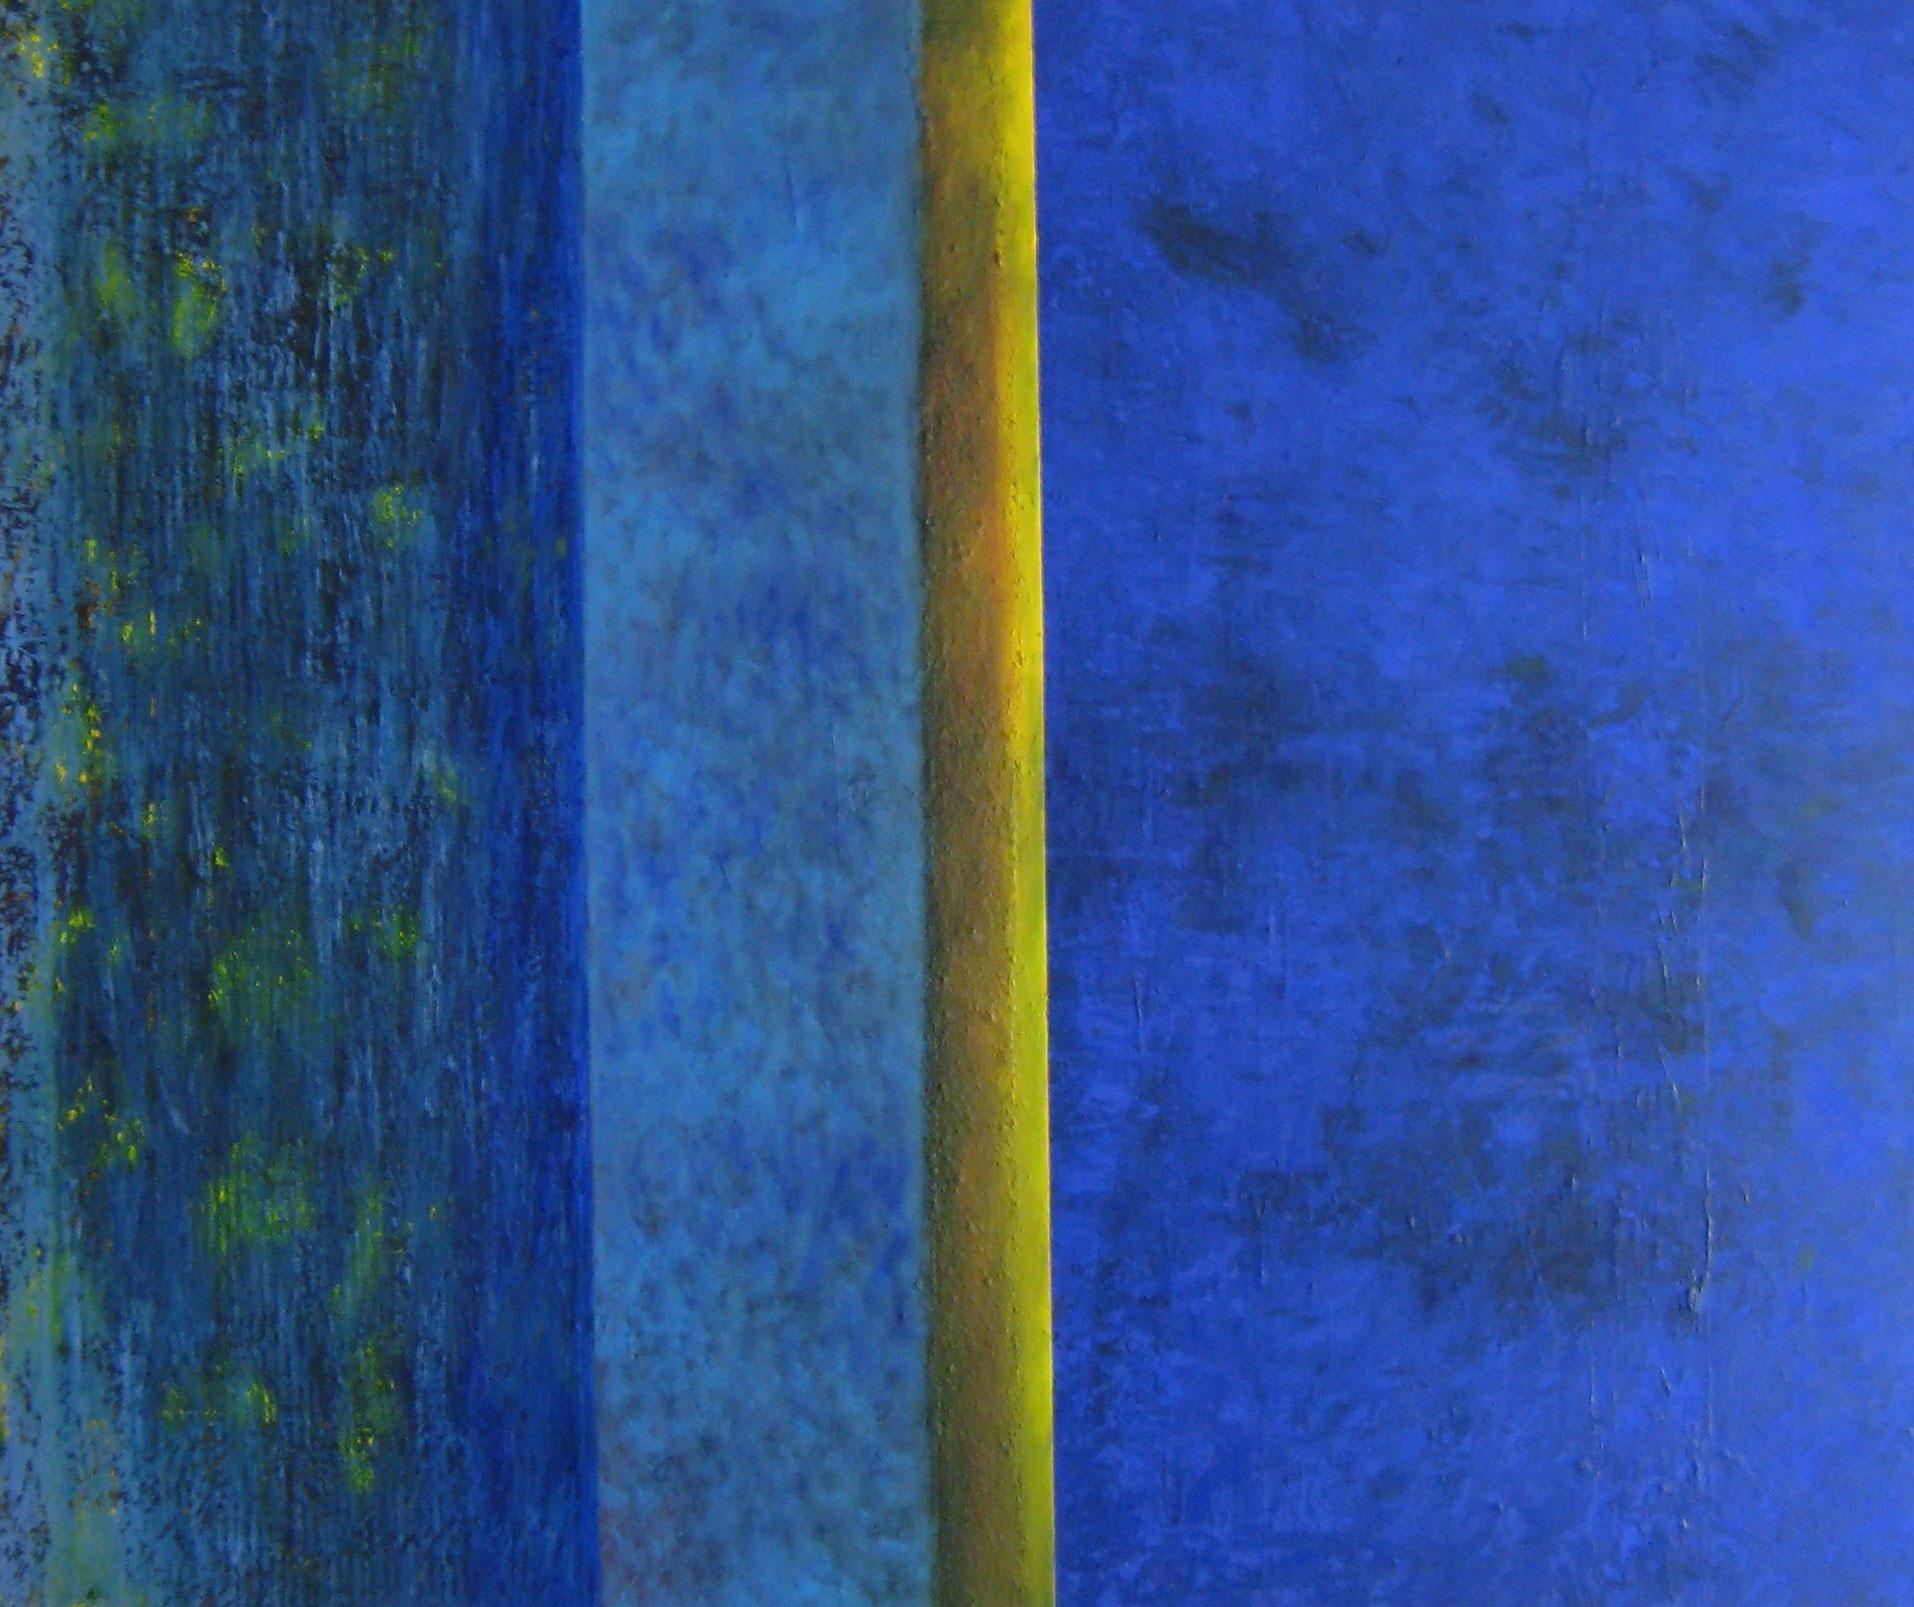 Begegnung, 115 x 140 cm, 2002